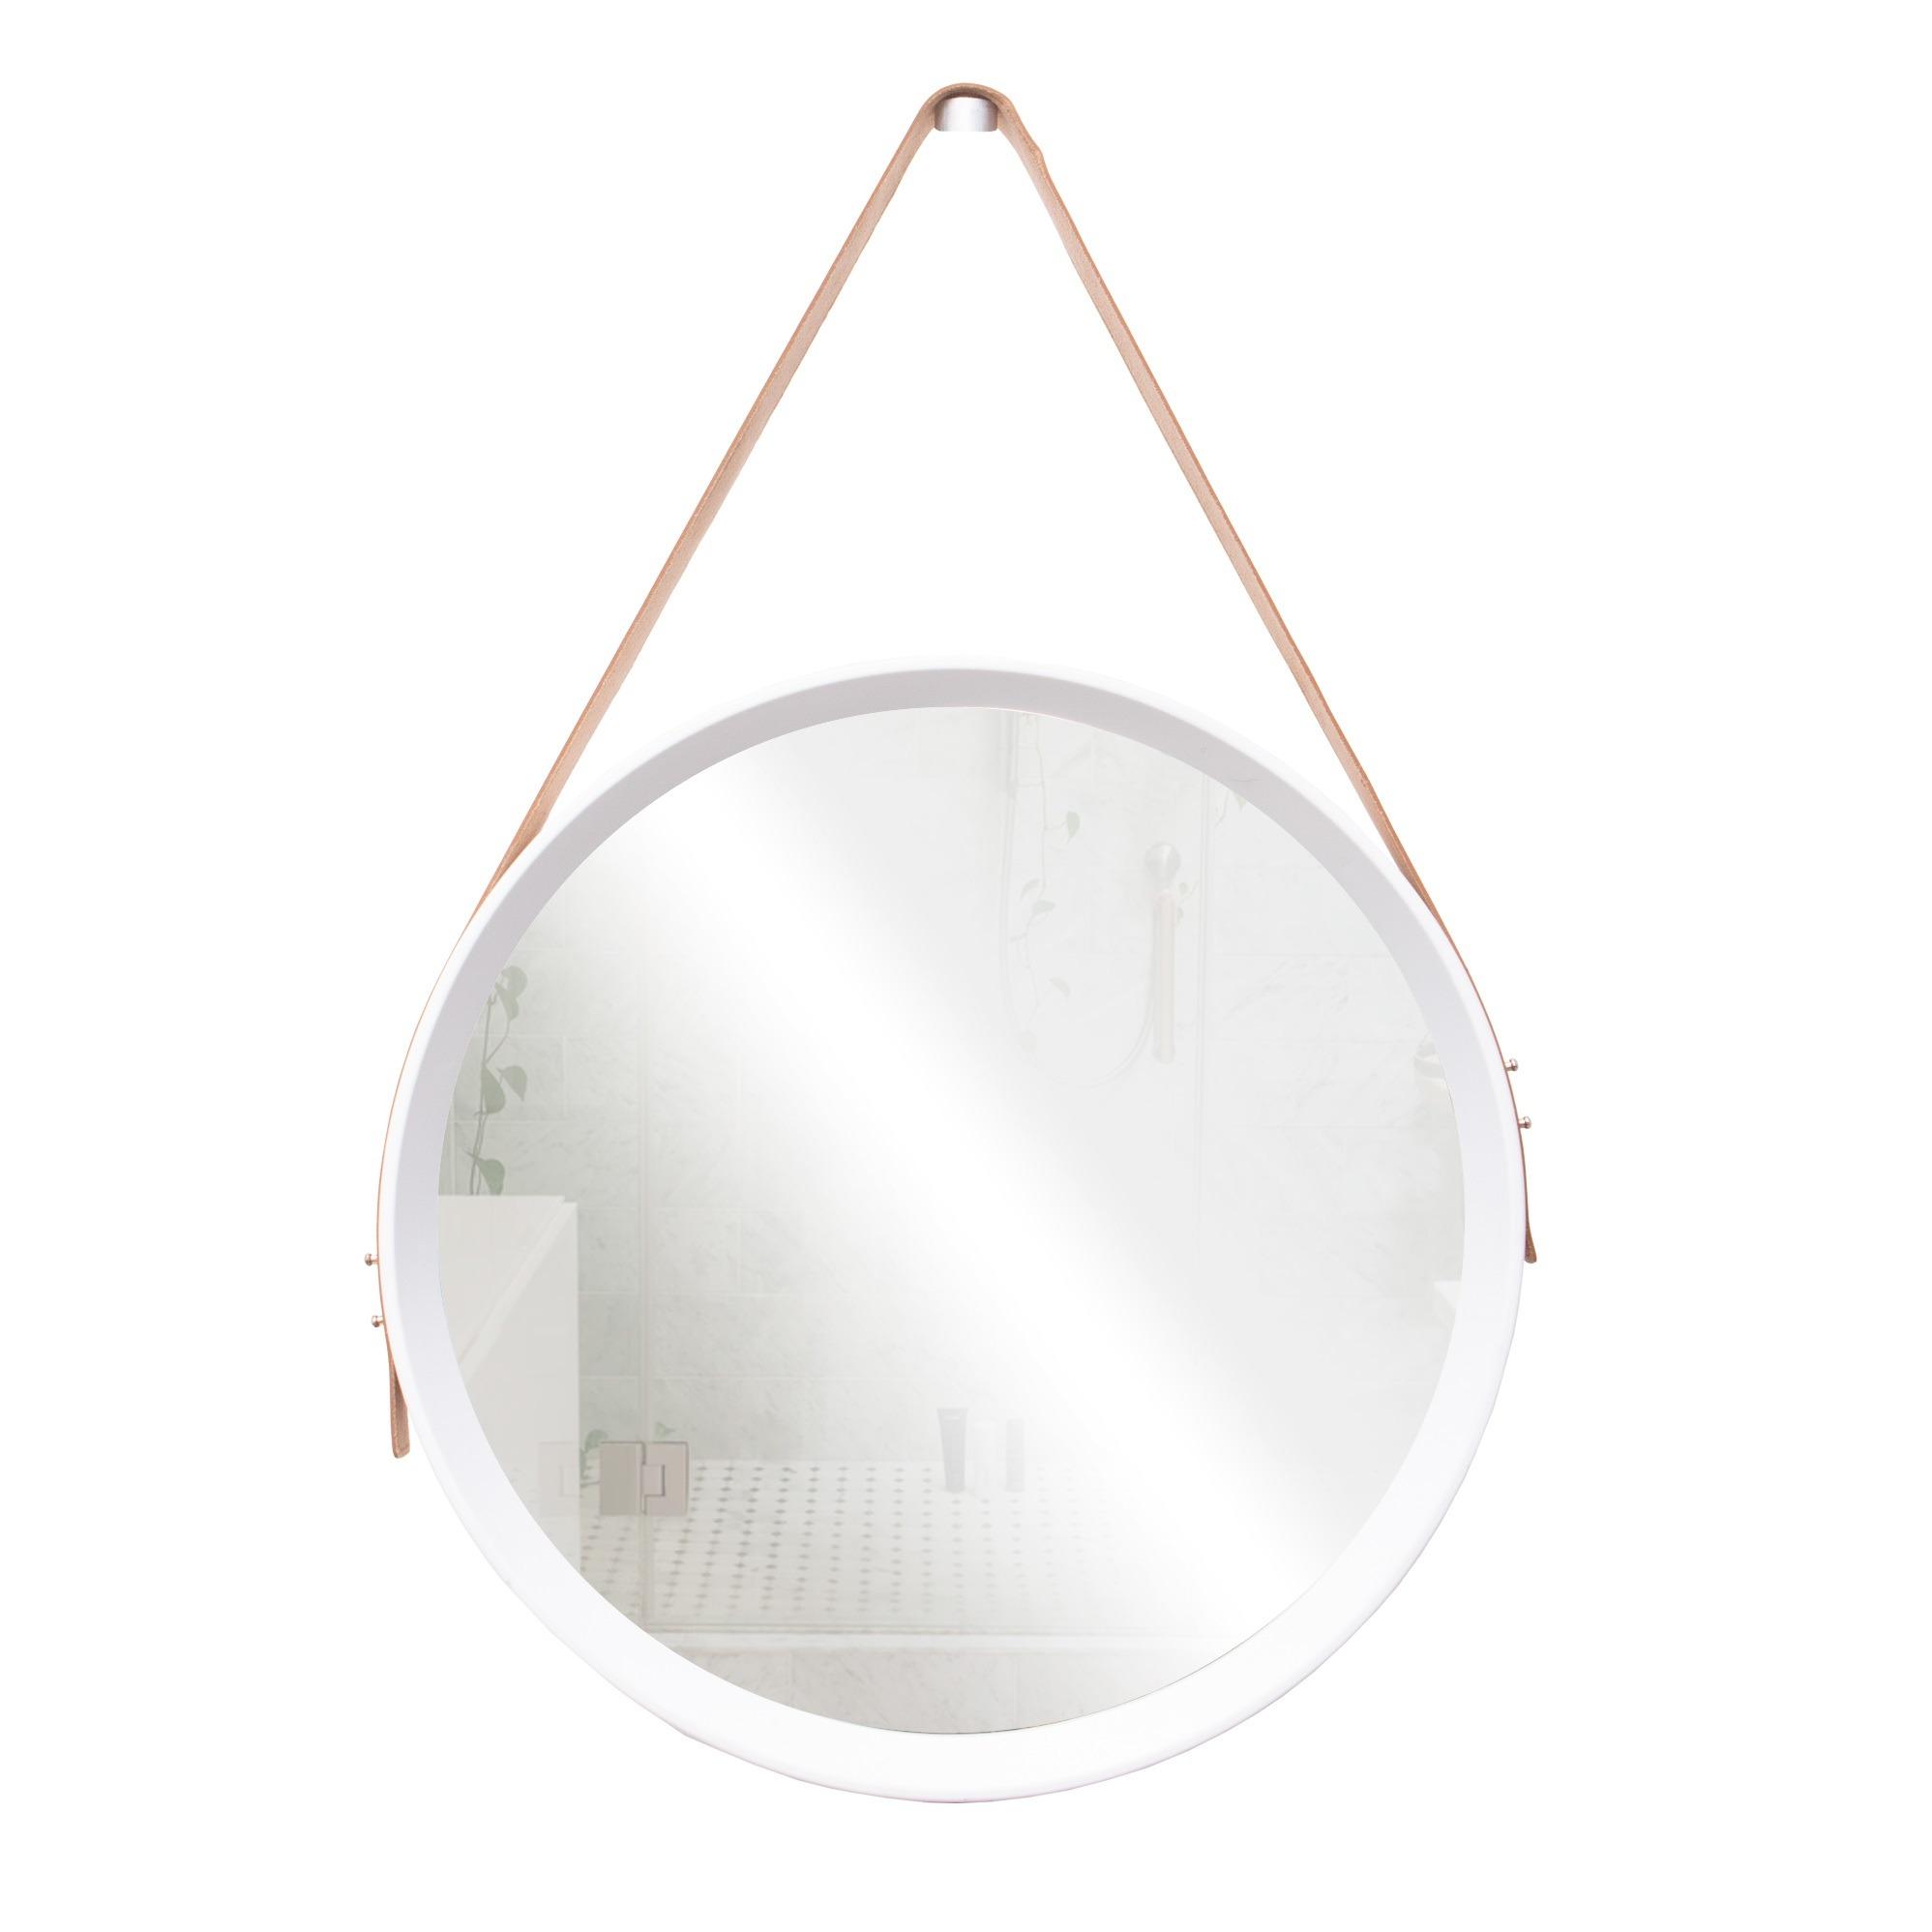 Espelho para Parede Redondo 4mm 40x40 cm Branco - Jolie